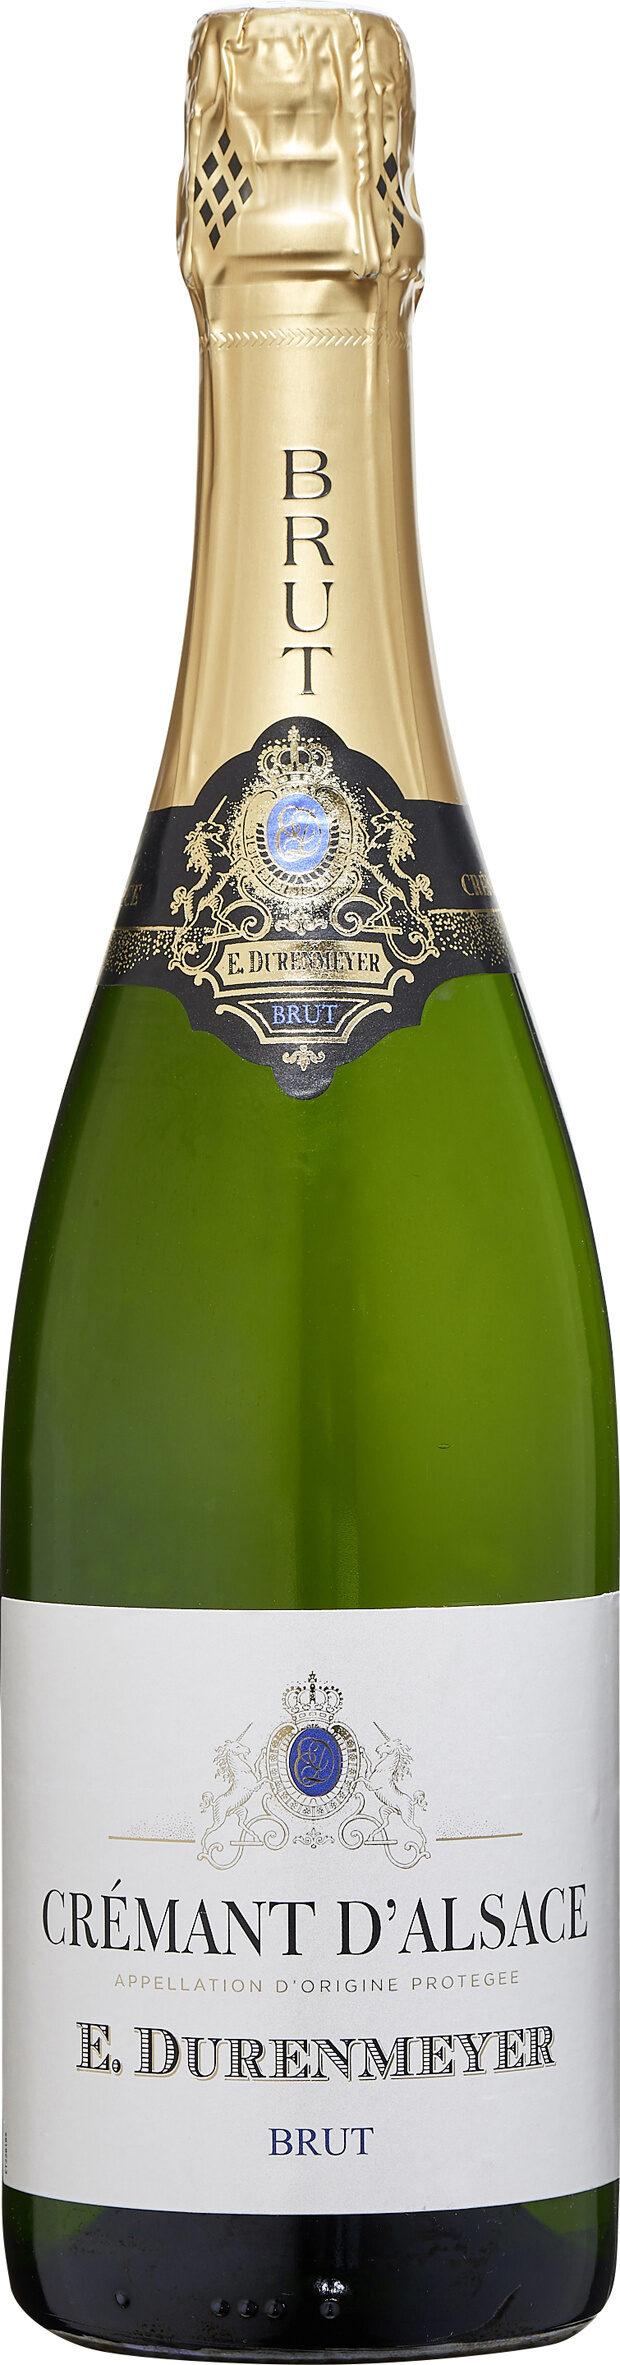 Crémant d'Alsace Brut - Produit - fr